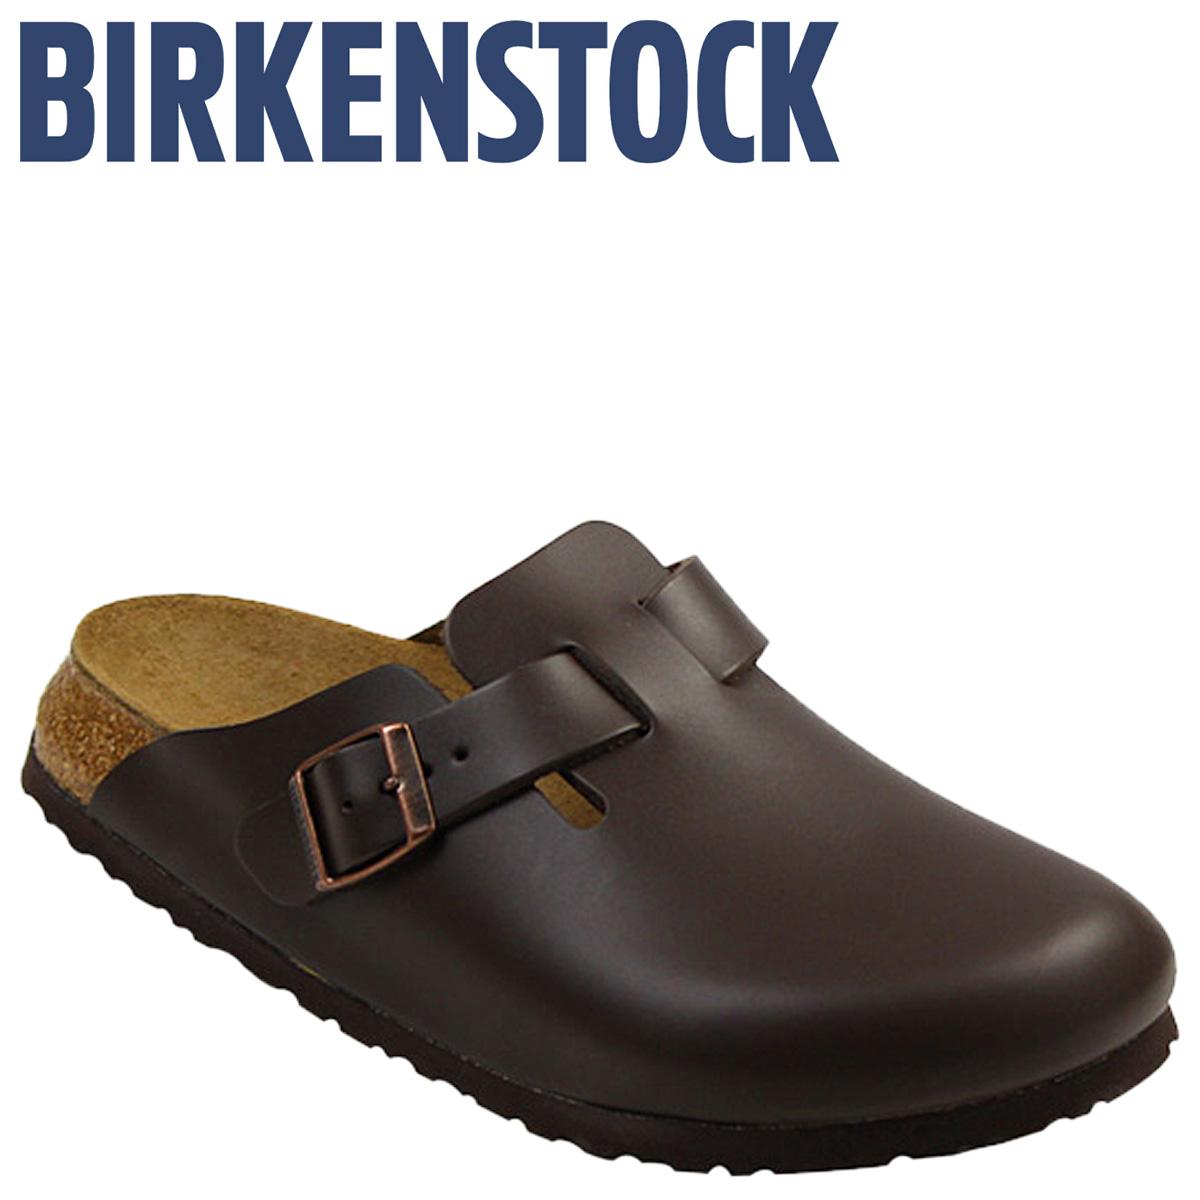 Archnormal Sandalsregular Boston High Leather ArchDark Brown Width Men's Birkenstock hdtQrBosxC